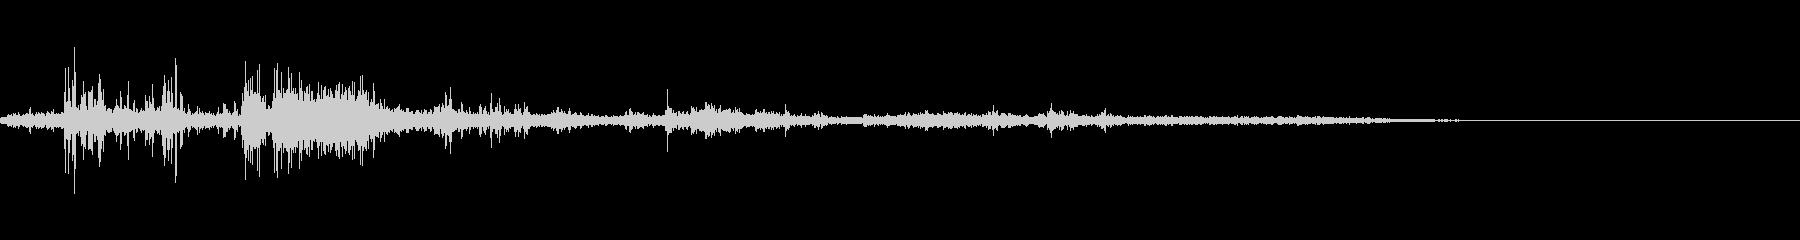 カミナリ(遠雷)-05の未再生の波形